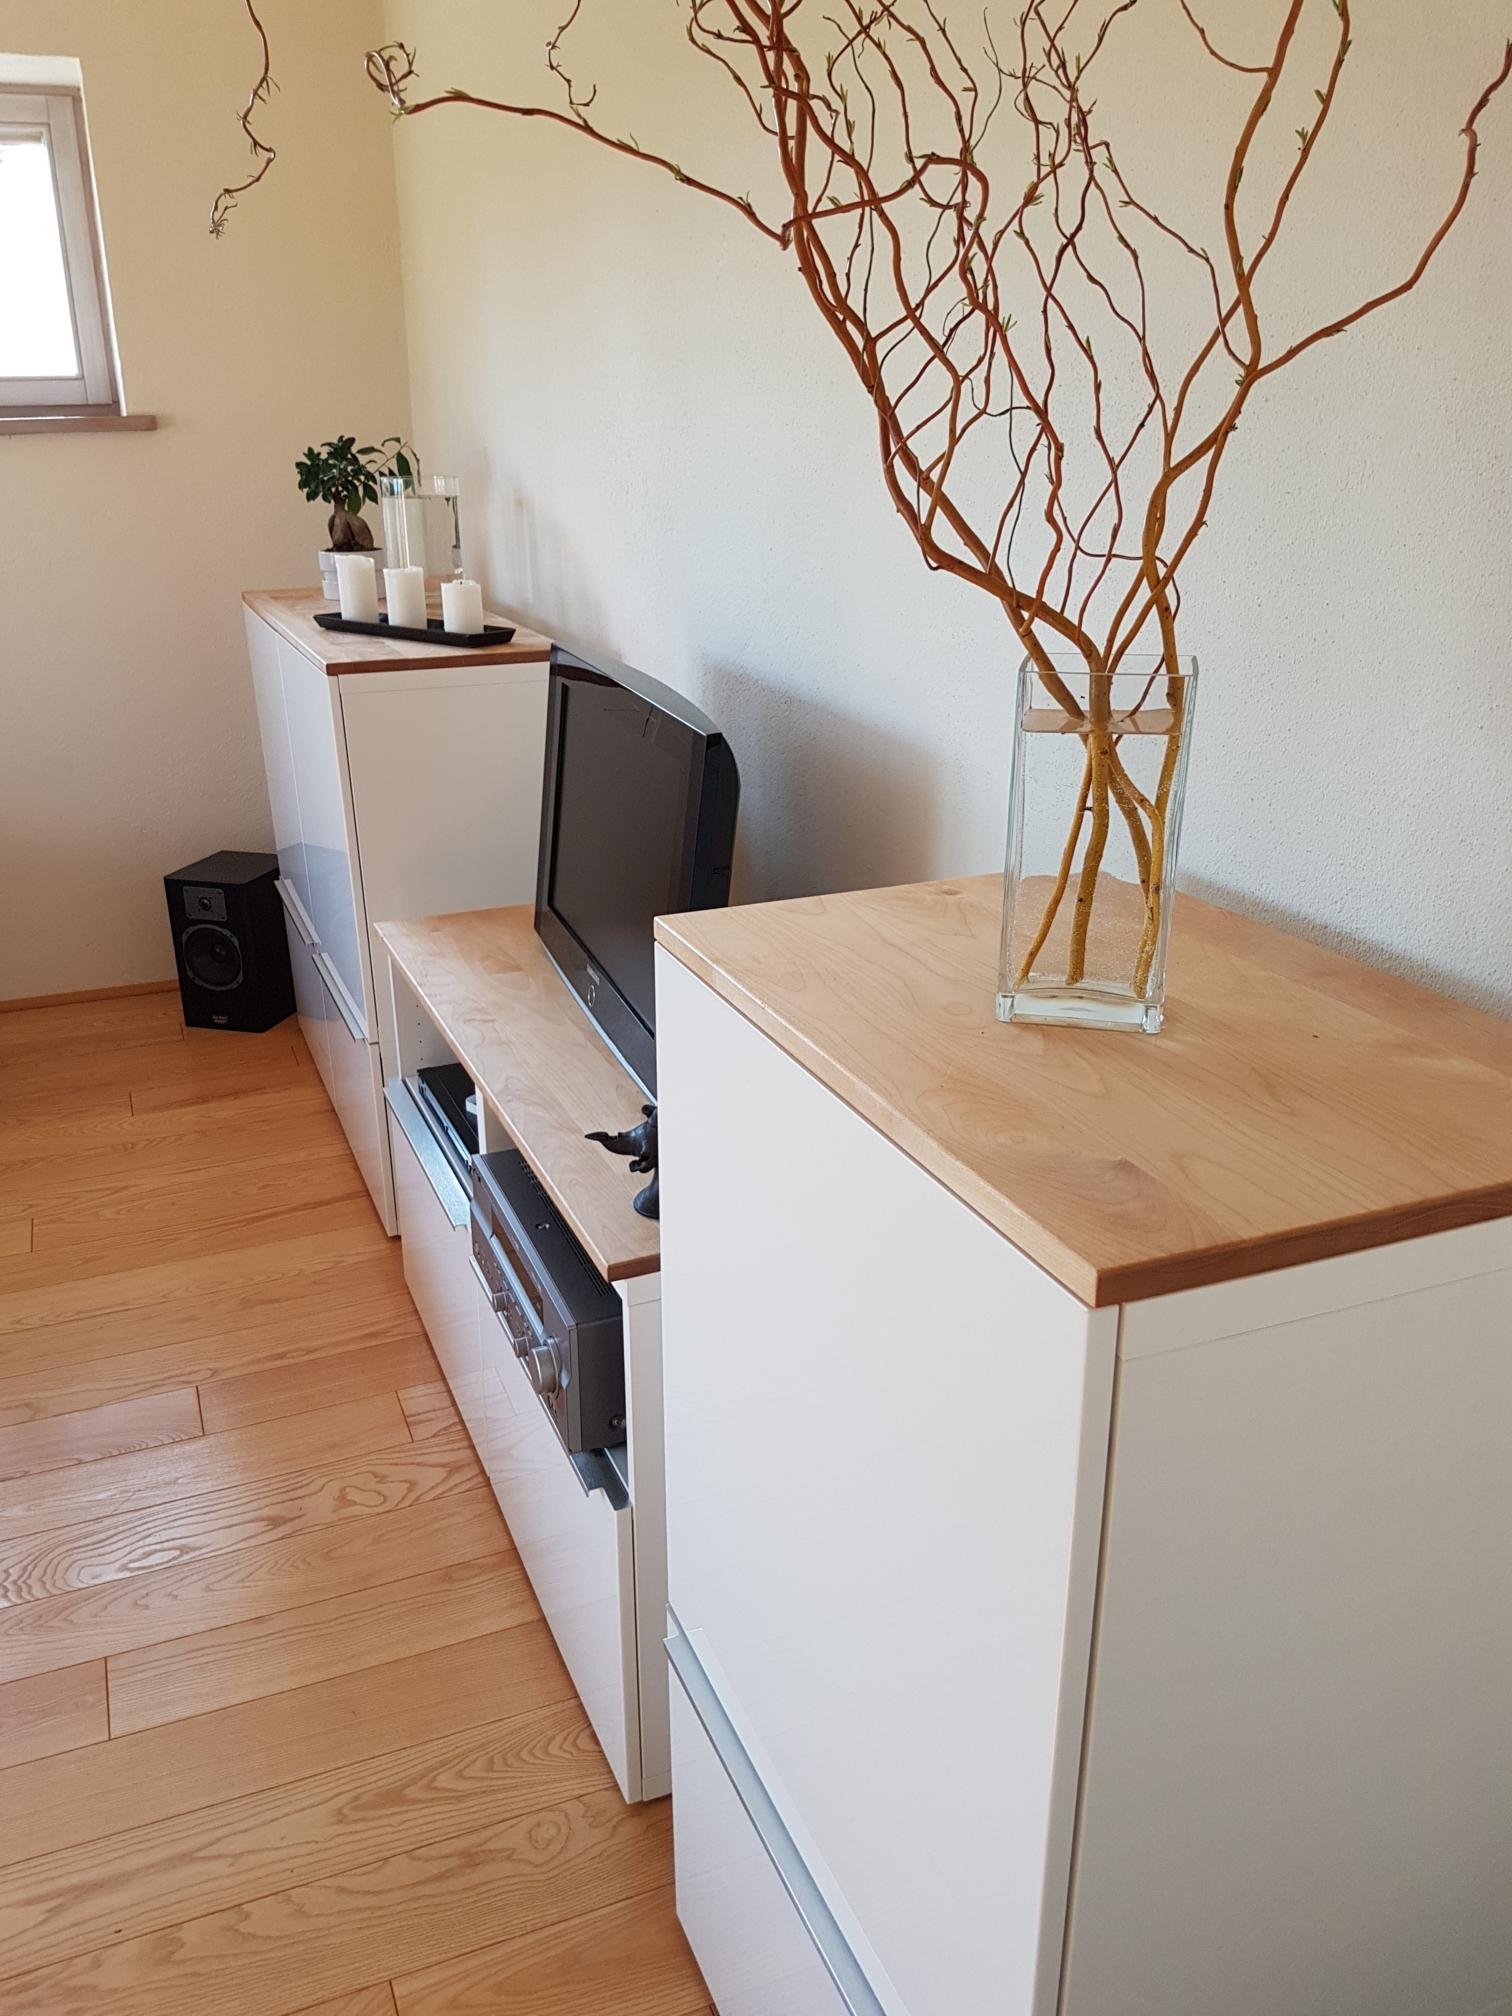 Mein Hausbau Blog Ikea Gepimpt